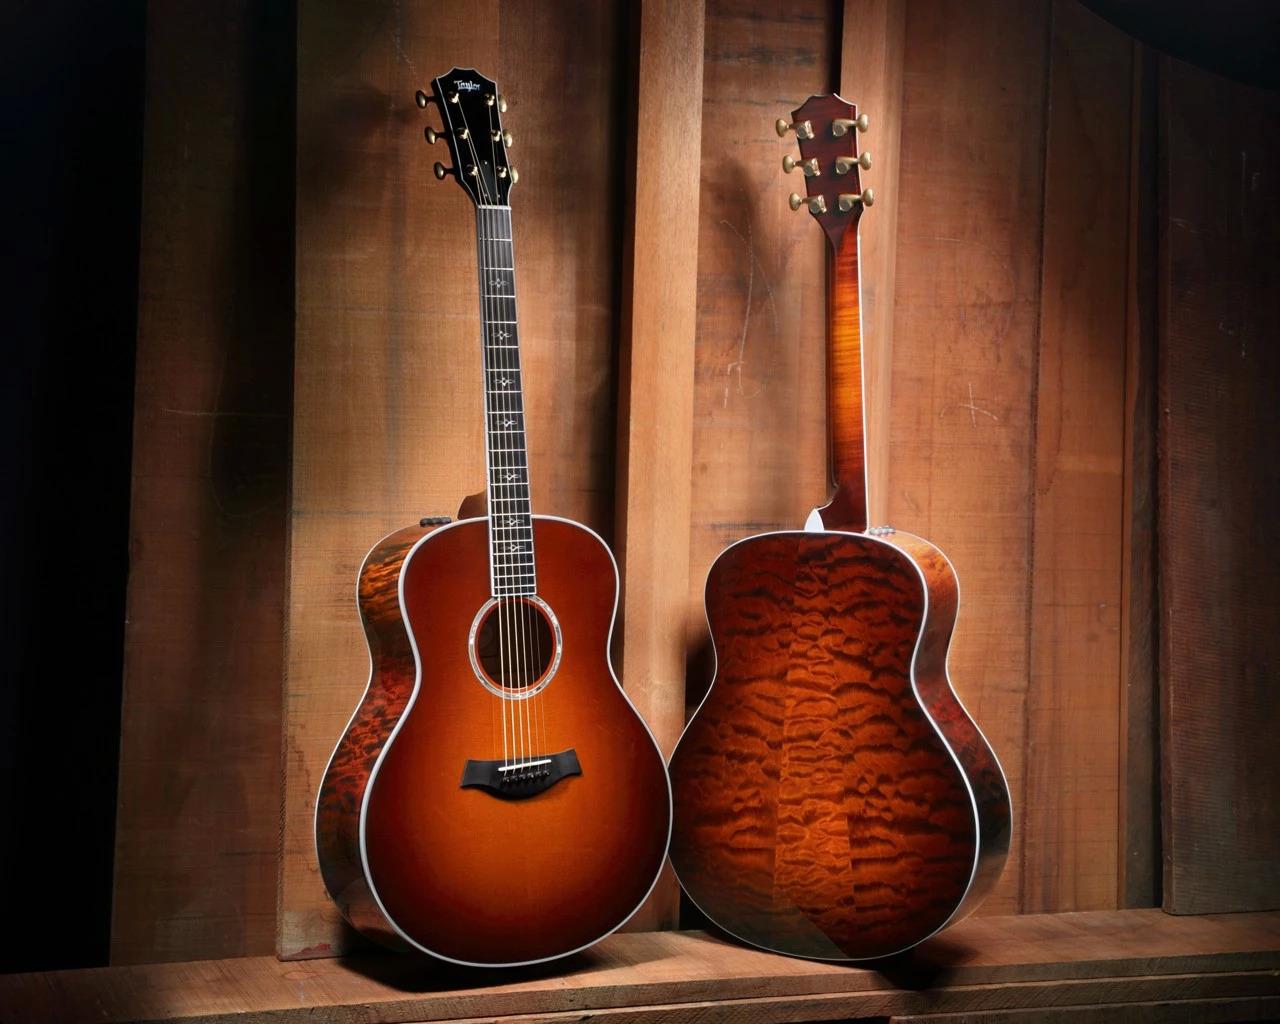 那些动人心弦的古典吉他,绵柔回荡于心